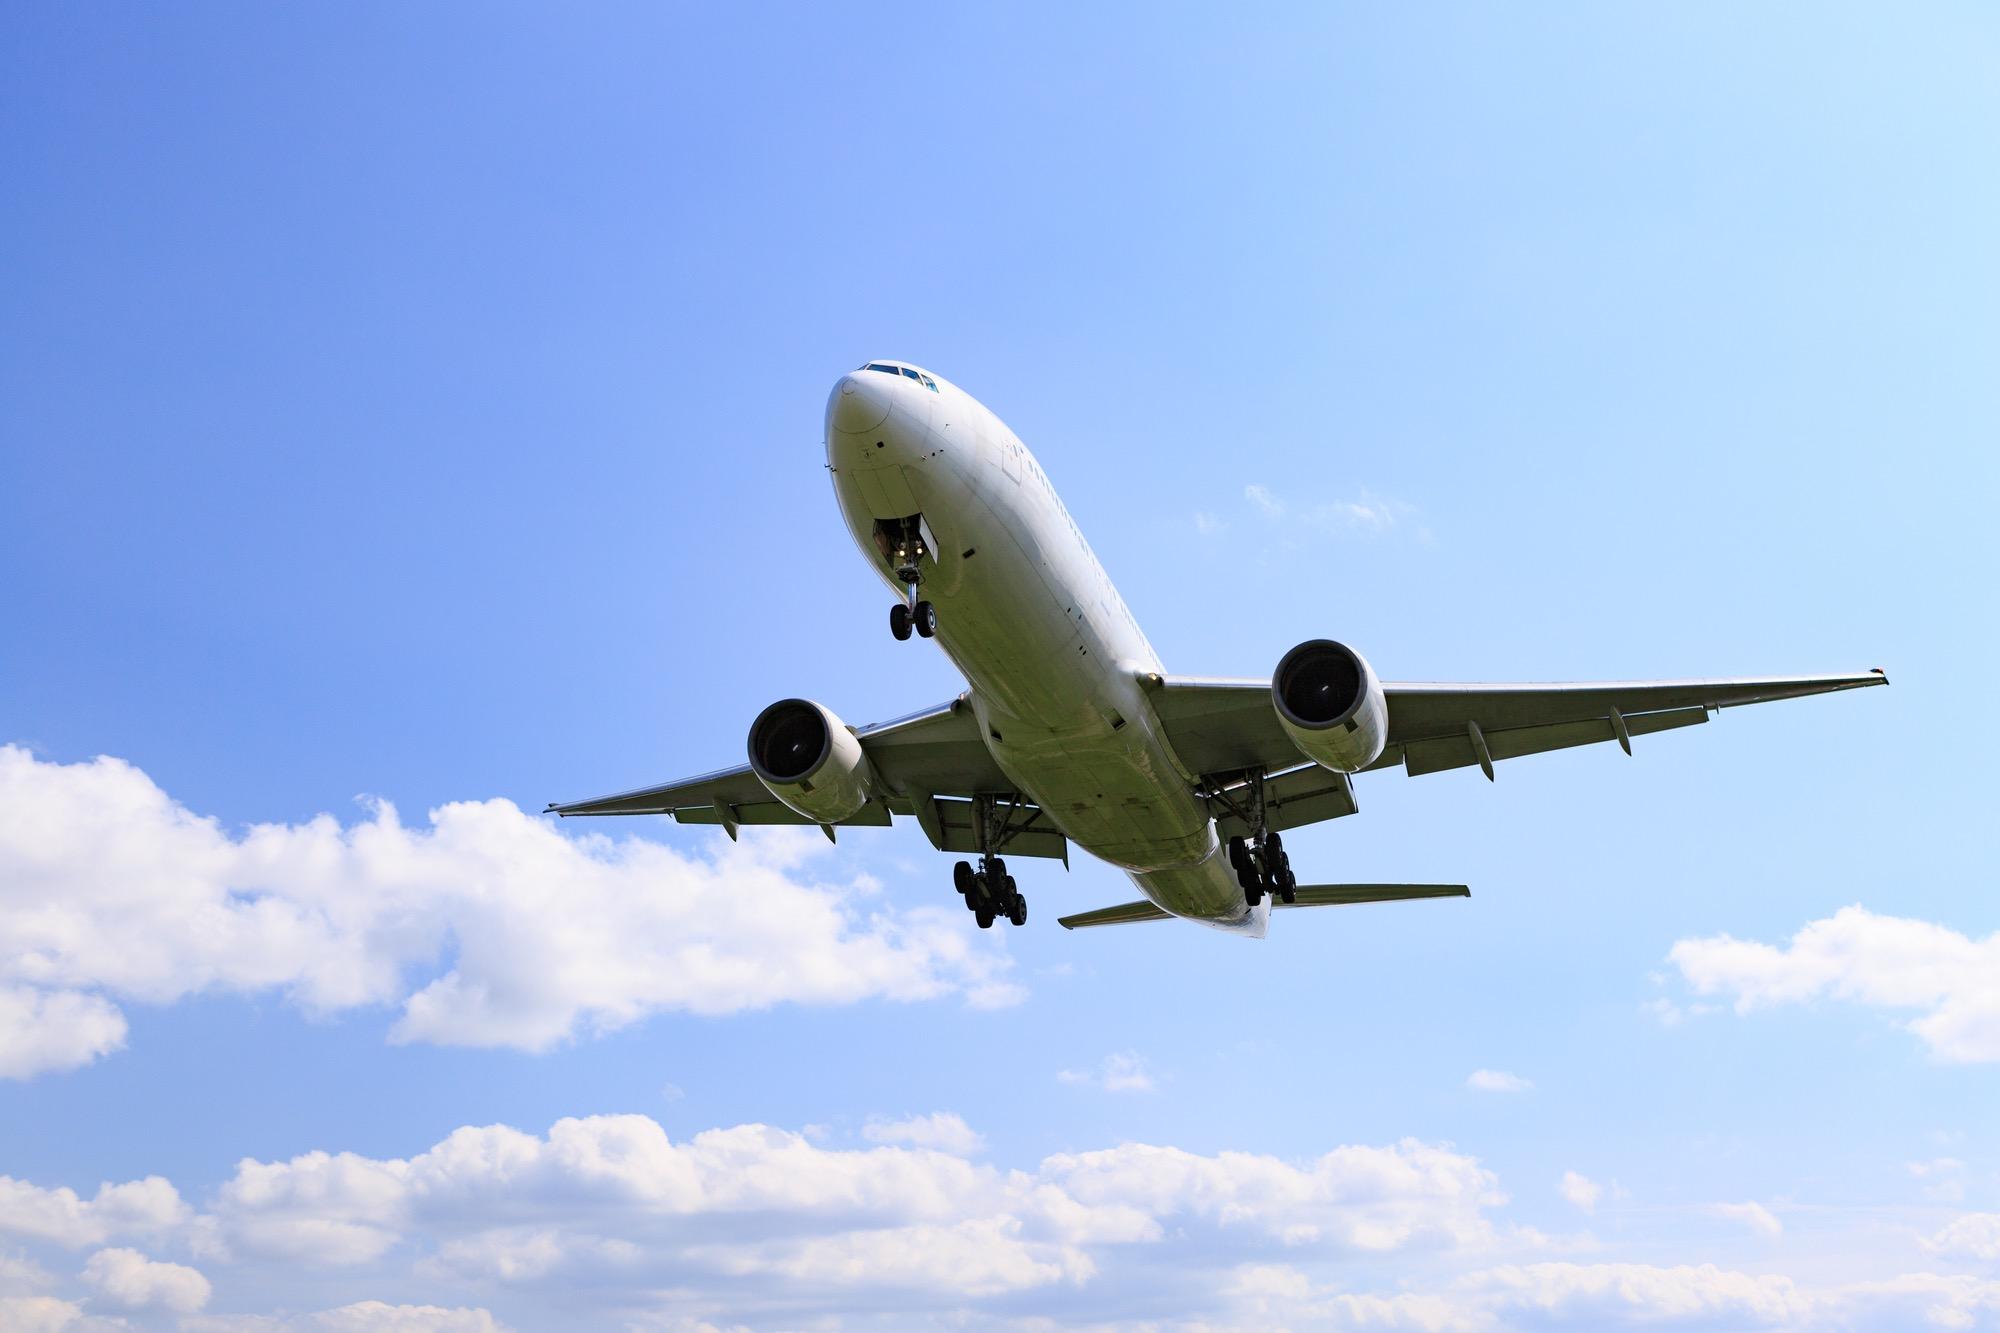 飛行機は飛ぶ原理が解明されていない怪物?! 身のまわりのモノの技術(5)【連載】